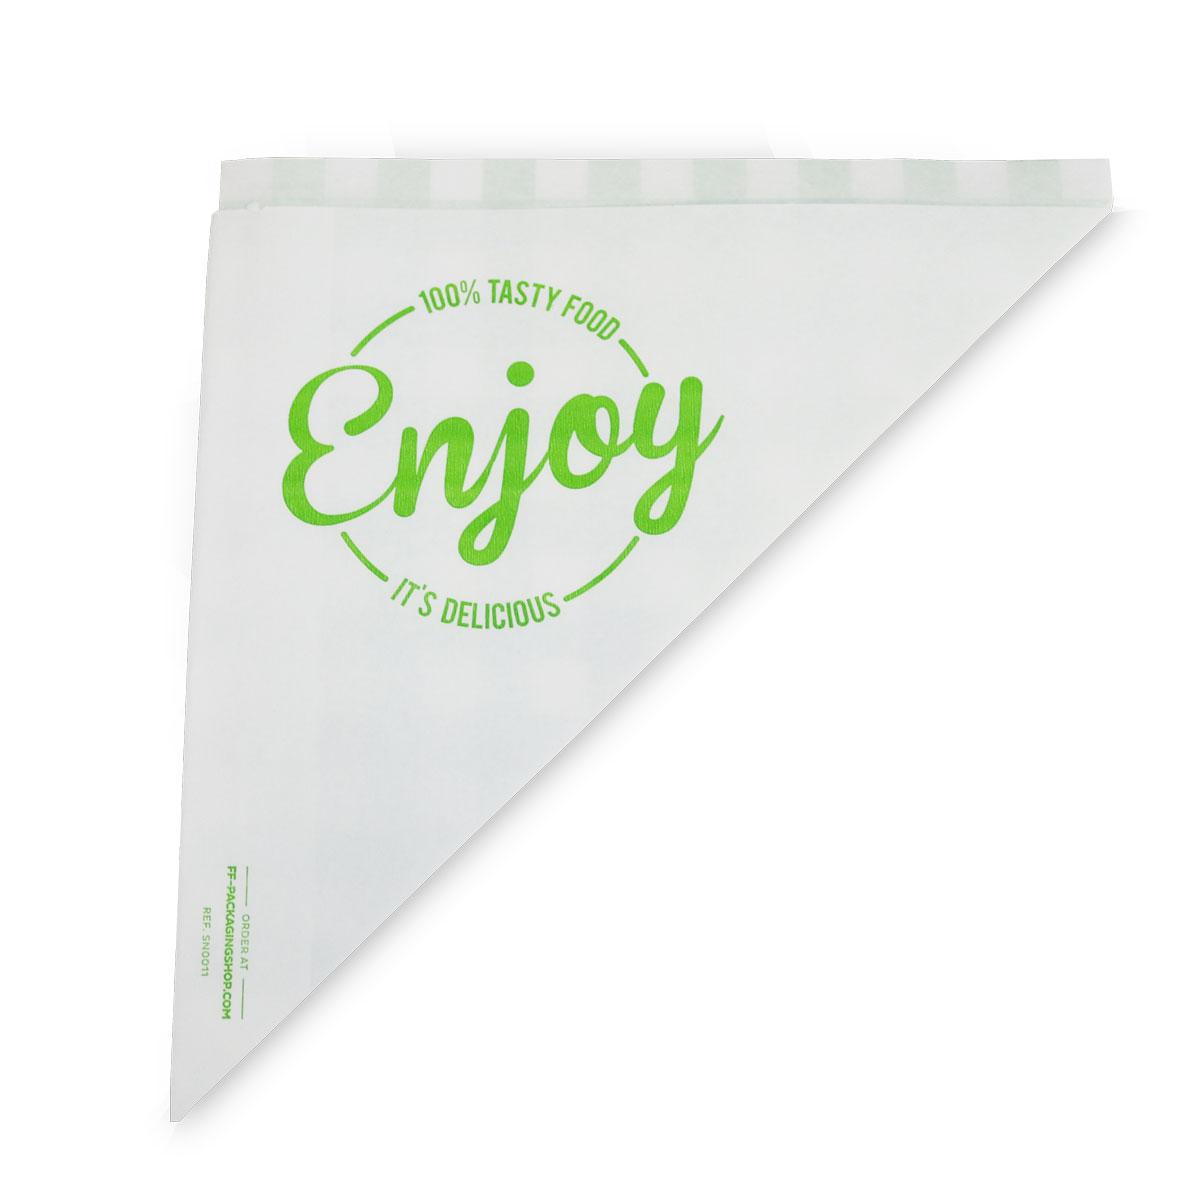 Puntzakjes/Frietzakjes - Enjoy